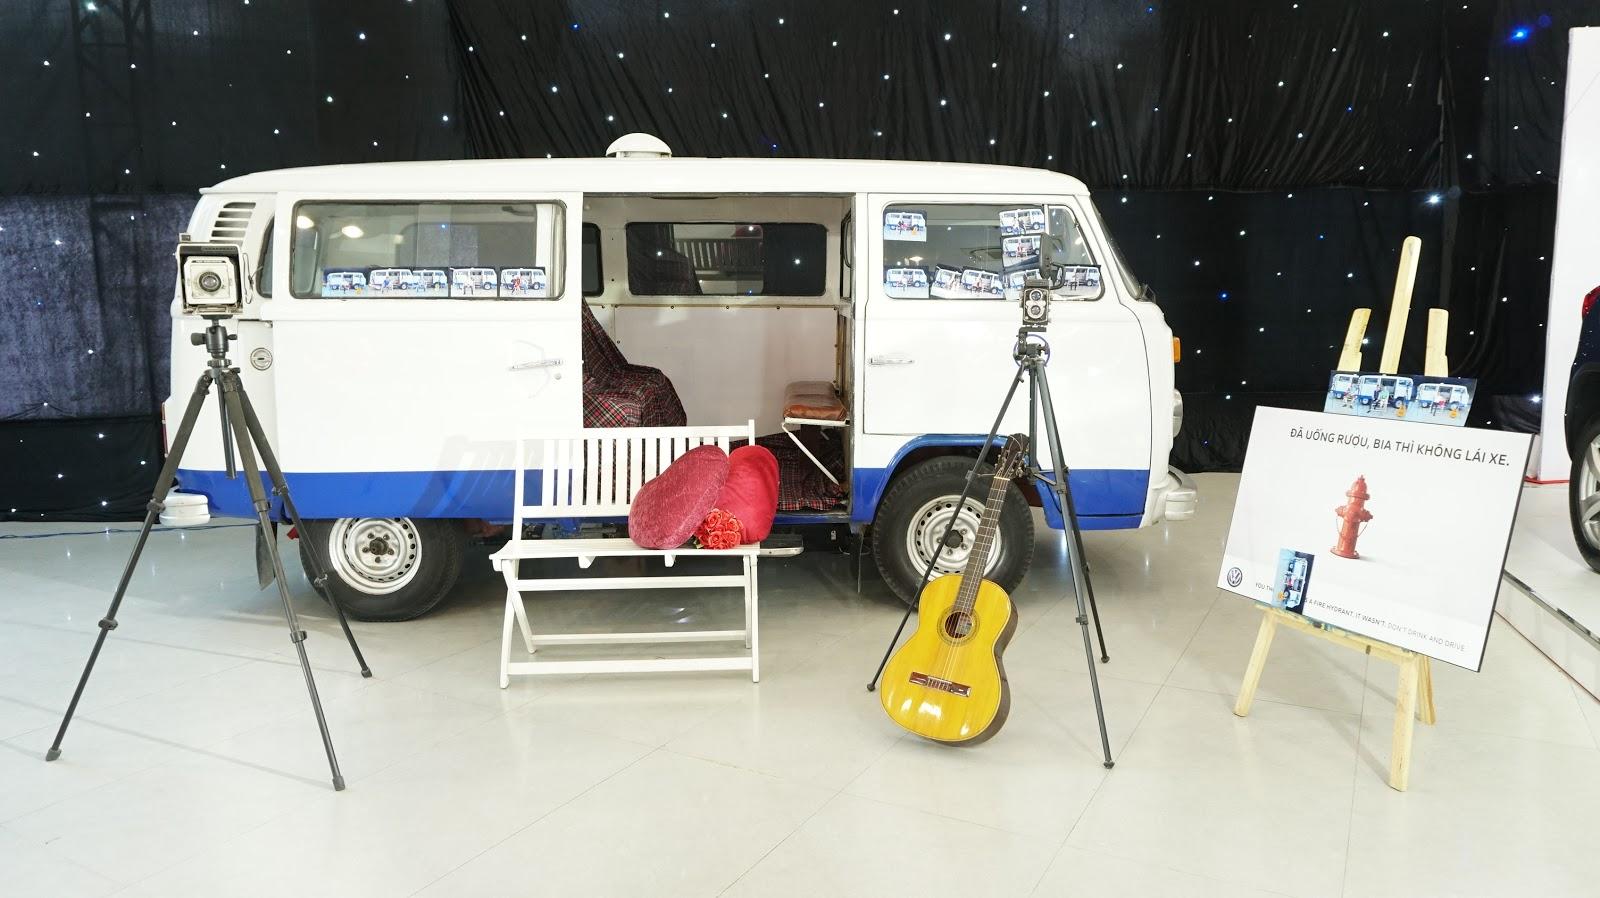 Một góc hoài niệm xưa với Kombi, máy ảnh và cây đàn...cùng lốp xe Volkswagen đã cày mọi nẻo đường trên hành tinh này